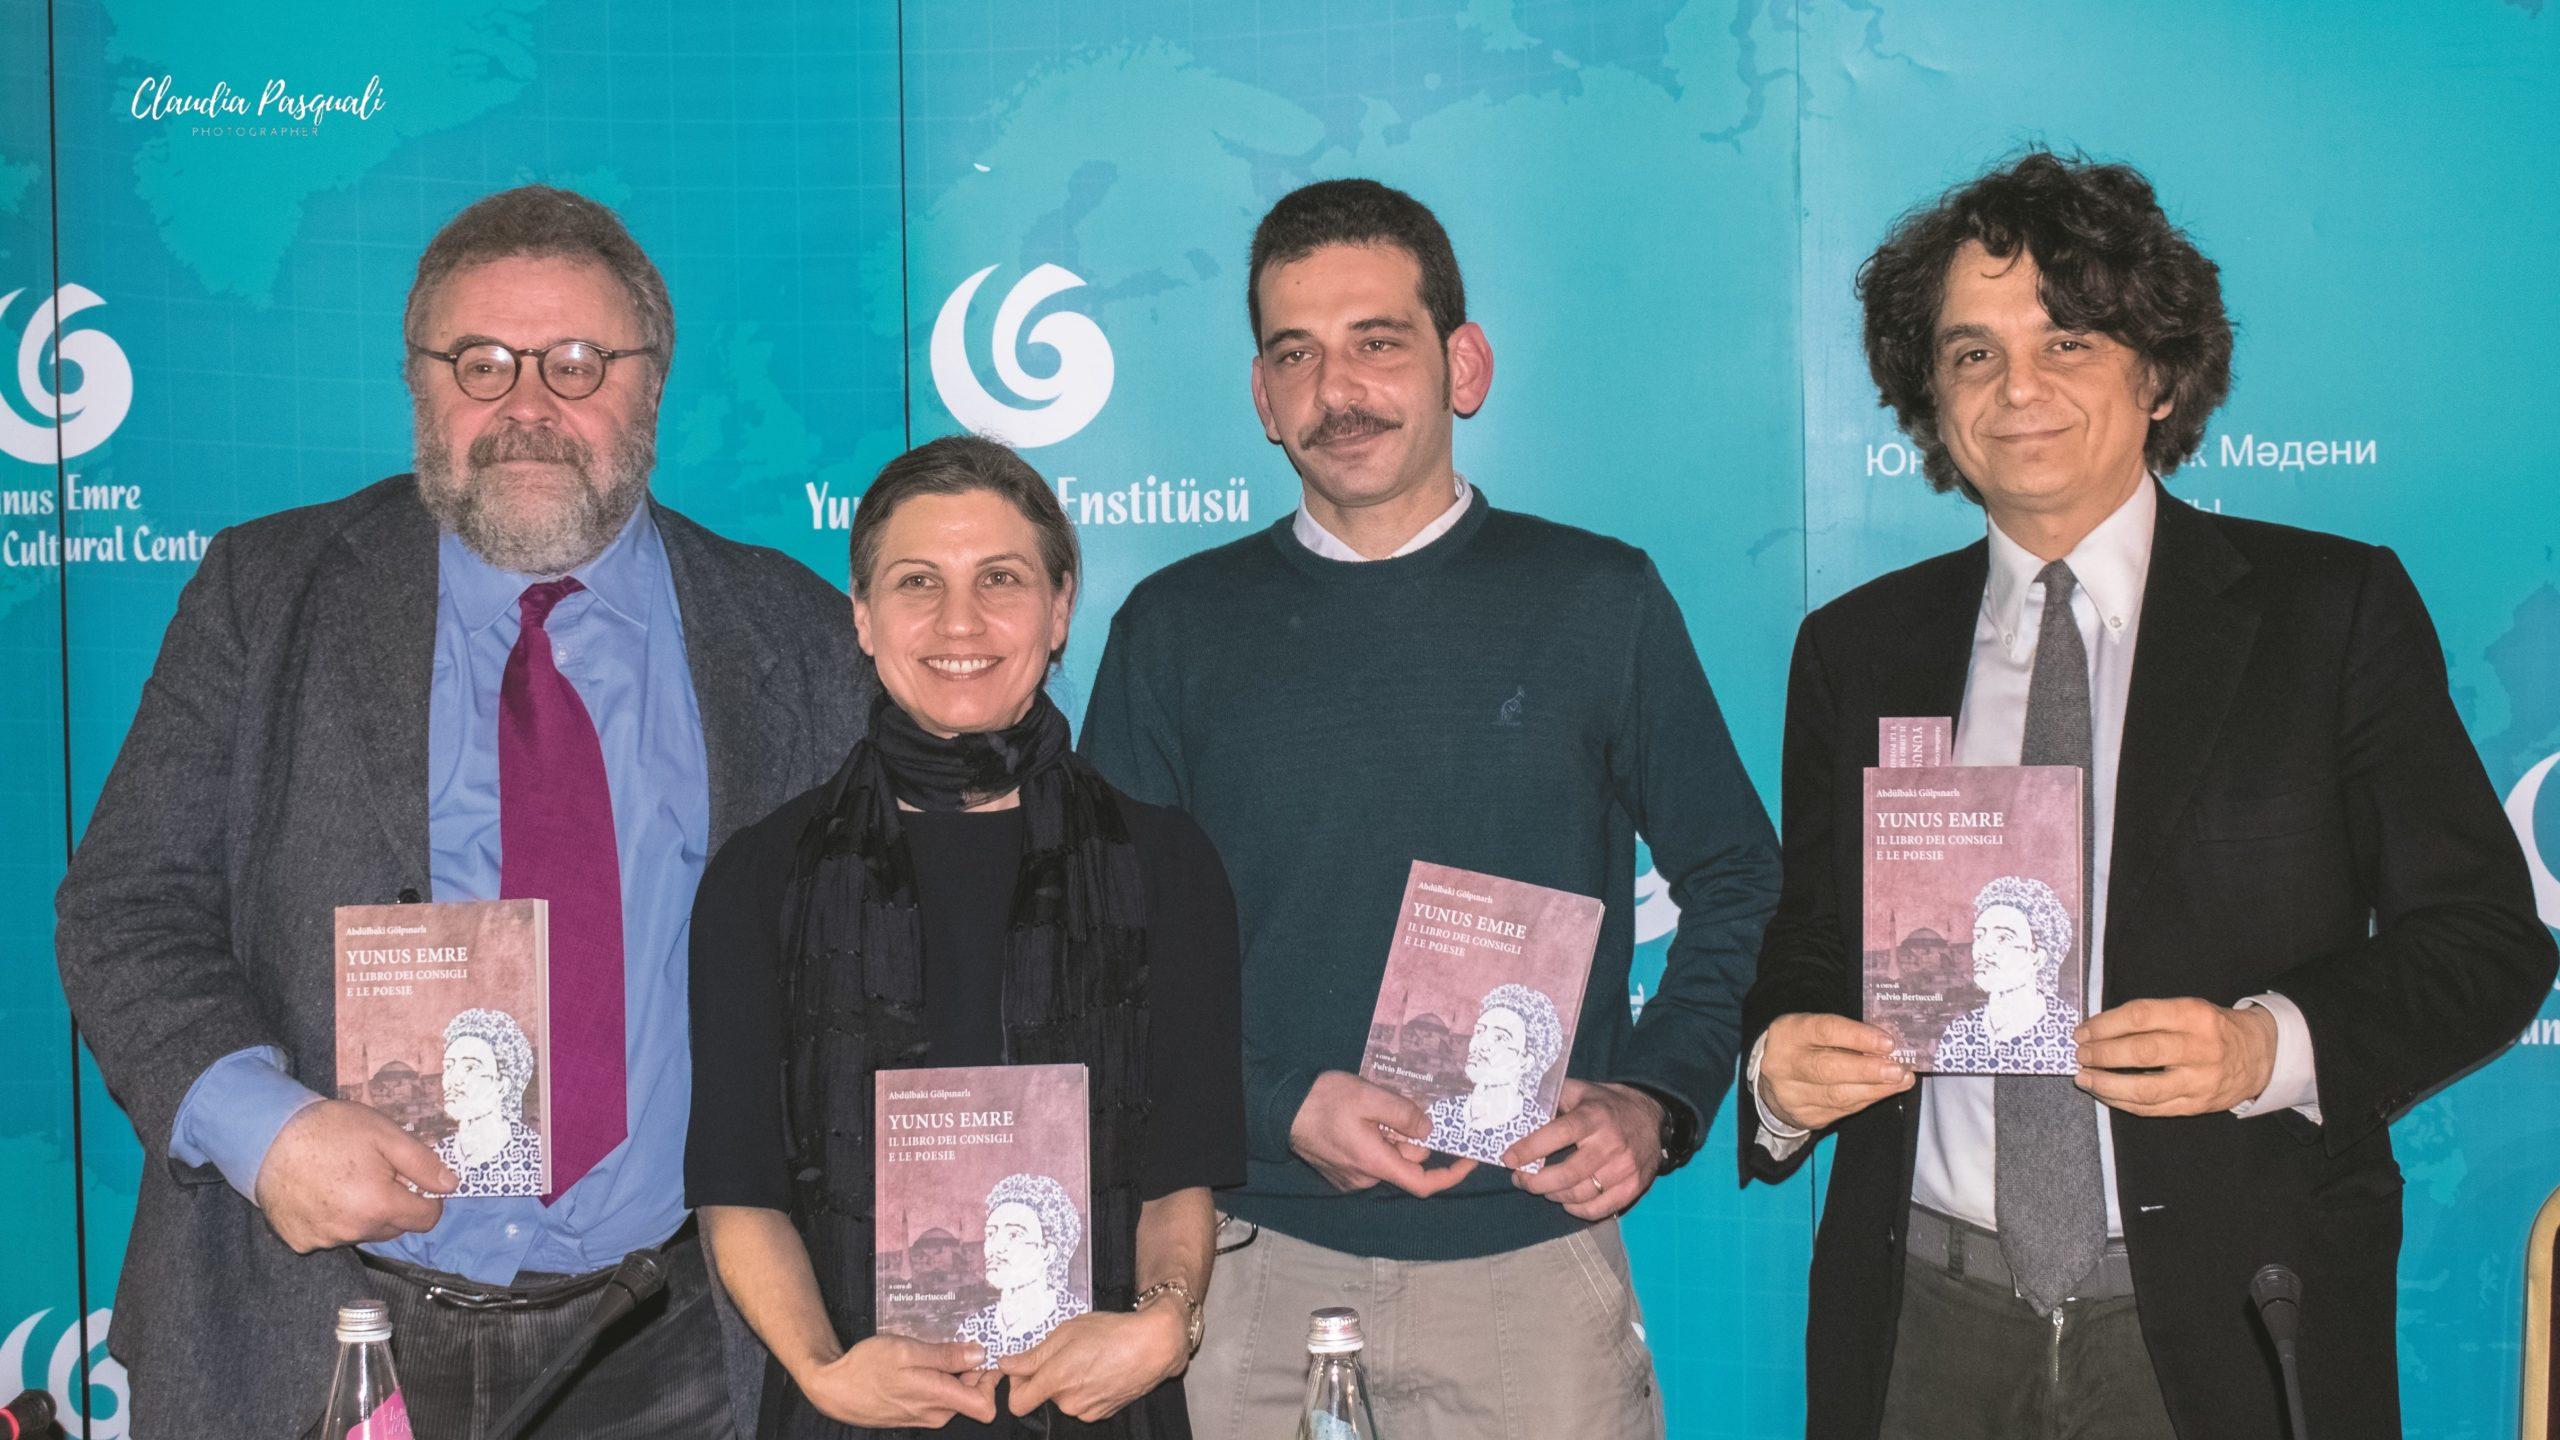 """Presentazione del libro """"Yunus Emre. Il libro dei consigli e le poesie"""". Da sinistra: il prof. Michele Bernardini; la direttrice dell'Istituto Sevim Aktaş; il curatore e traduttore Fulvio Bertuccelli e l'editore Sandro Teti."""